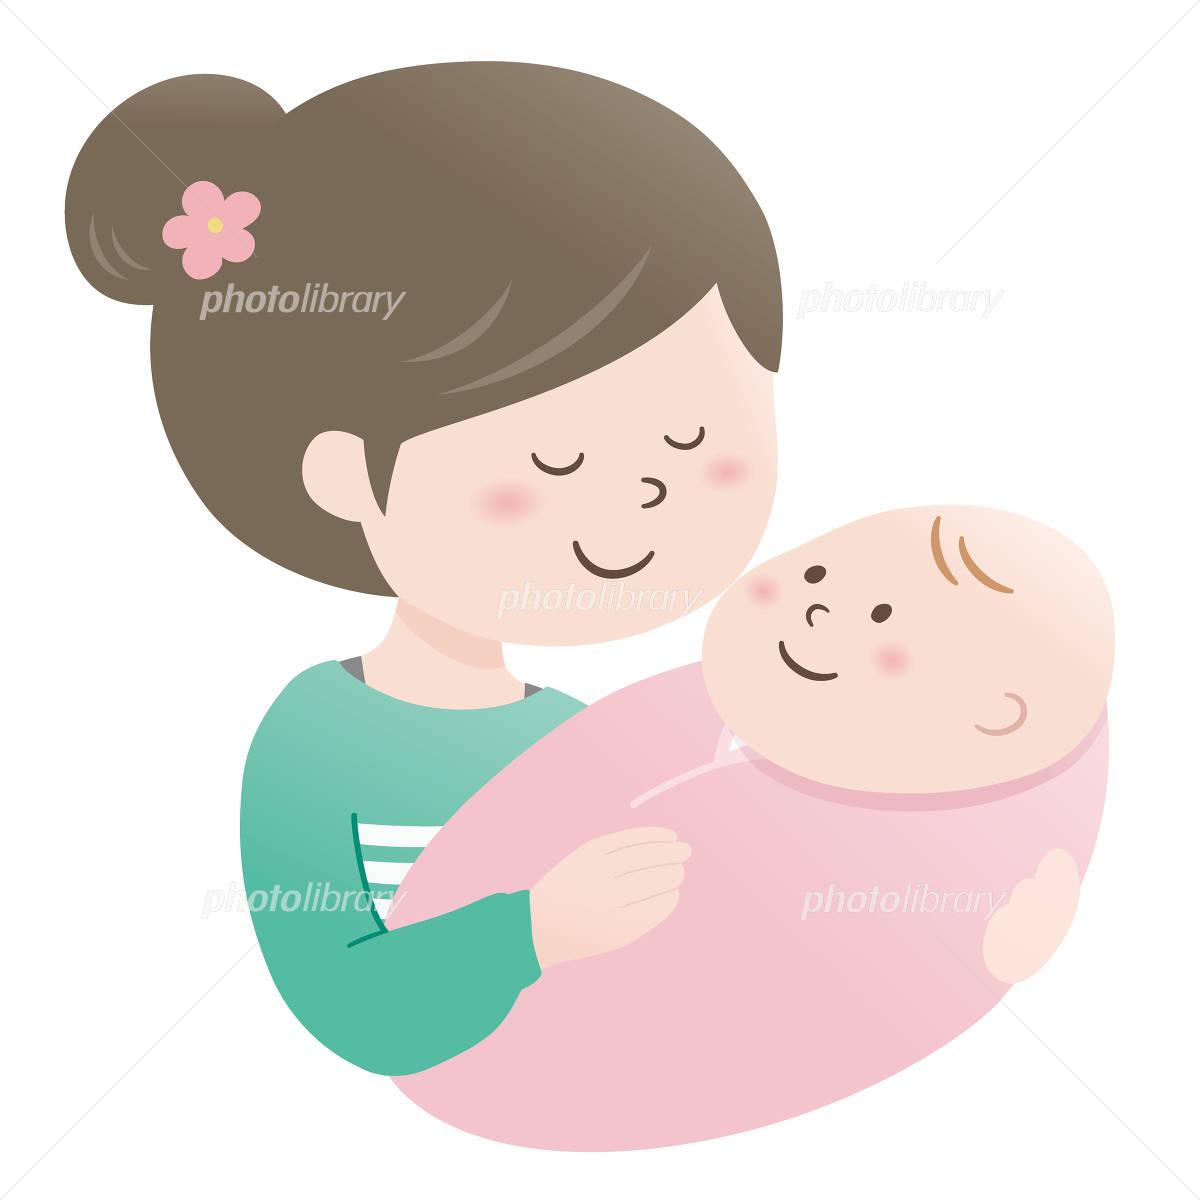 ママと赤ちゃん抱っこ イラスト素材 4758215 フォトライブ